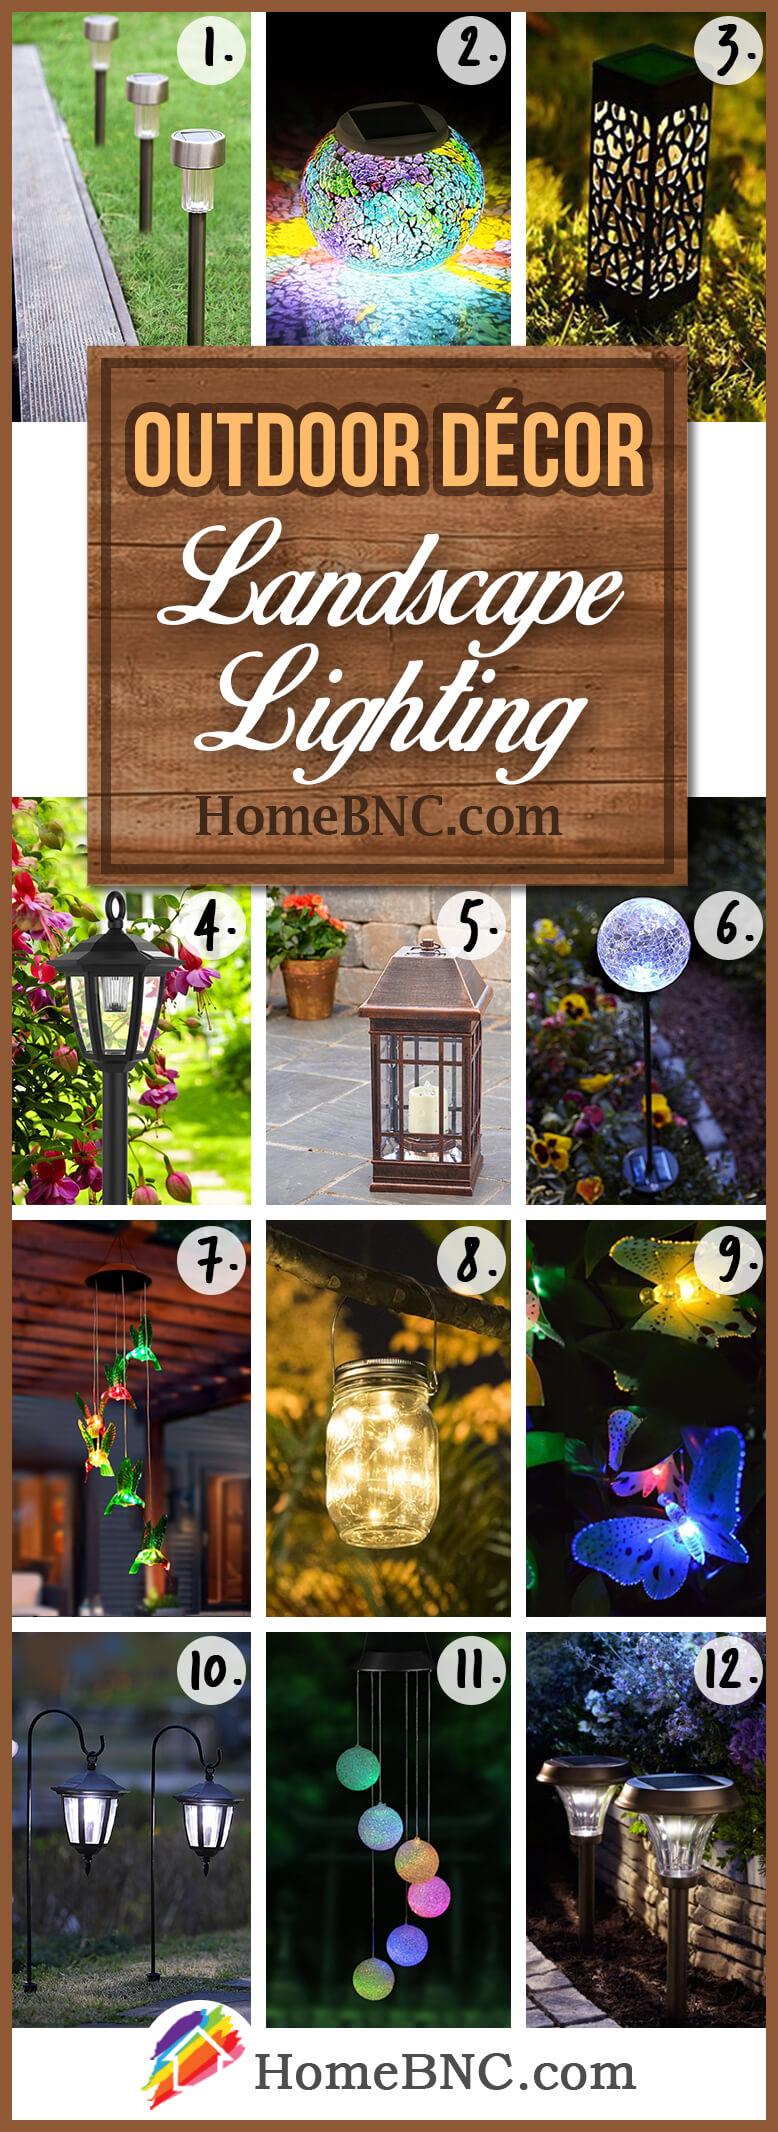 Éclairage paysager idées de décoration extérieure